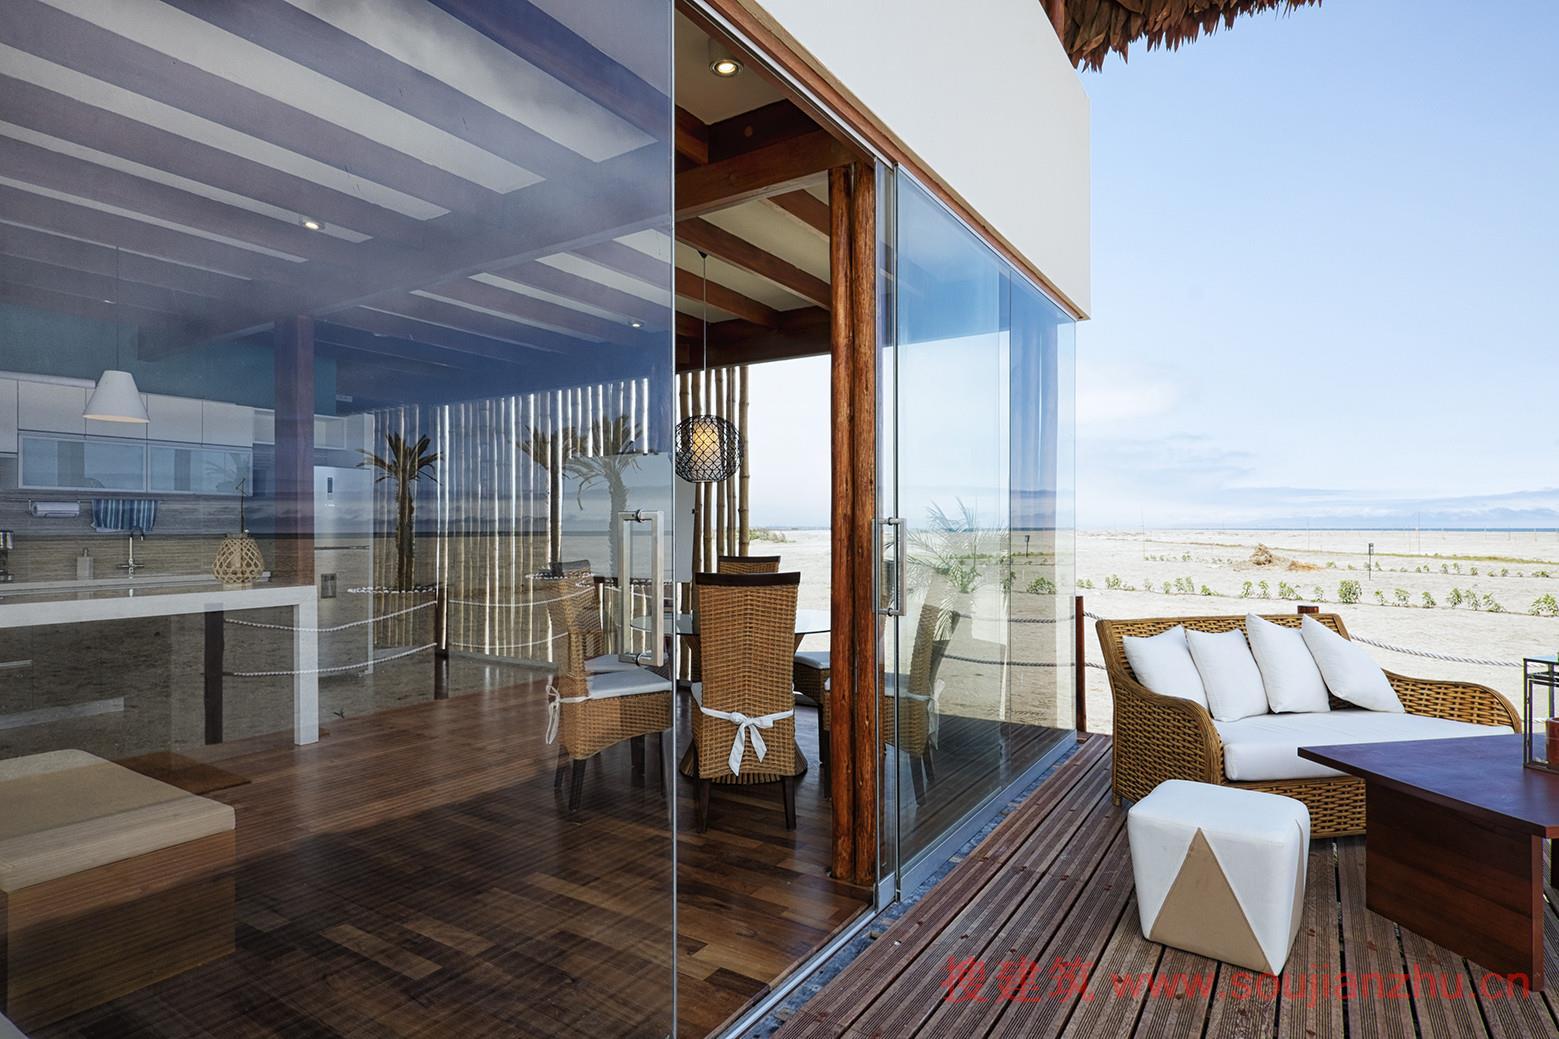 建筑师:Yupana 地点:秘鲁 面积:256.0平方米 年份:2014  Between Pisco和Chincha Baja在海滨有一个主要的房地产开发项目,由于利马的良好天气和好位置,将在2016年加固利马皮斯科新高速公路。   项目的概念,我们试图通过创建材料和空间构成一个不同的概念海滨别墅。为此,我们考虑到了劳动力资源和场地,优化专家,开展项目,建造一座完全由木头、竹子和茅草组成的别墅。通过使用当地的劳动力和资源,大大减少建造时间和预算成本。   建造别墅有非常具体的要求,因为它是一个典型的有一